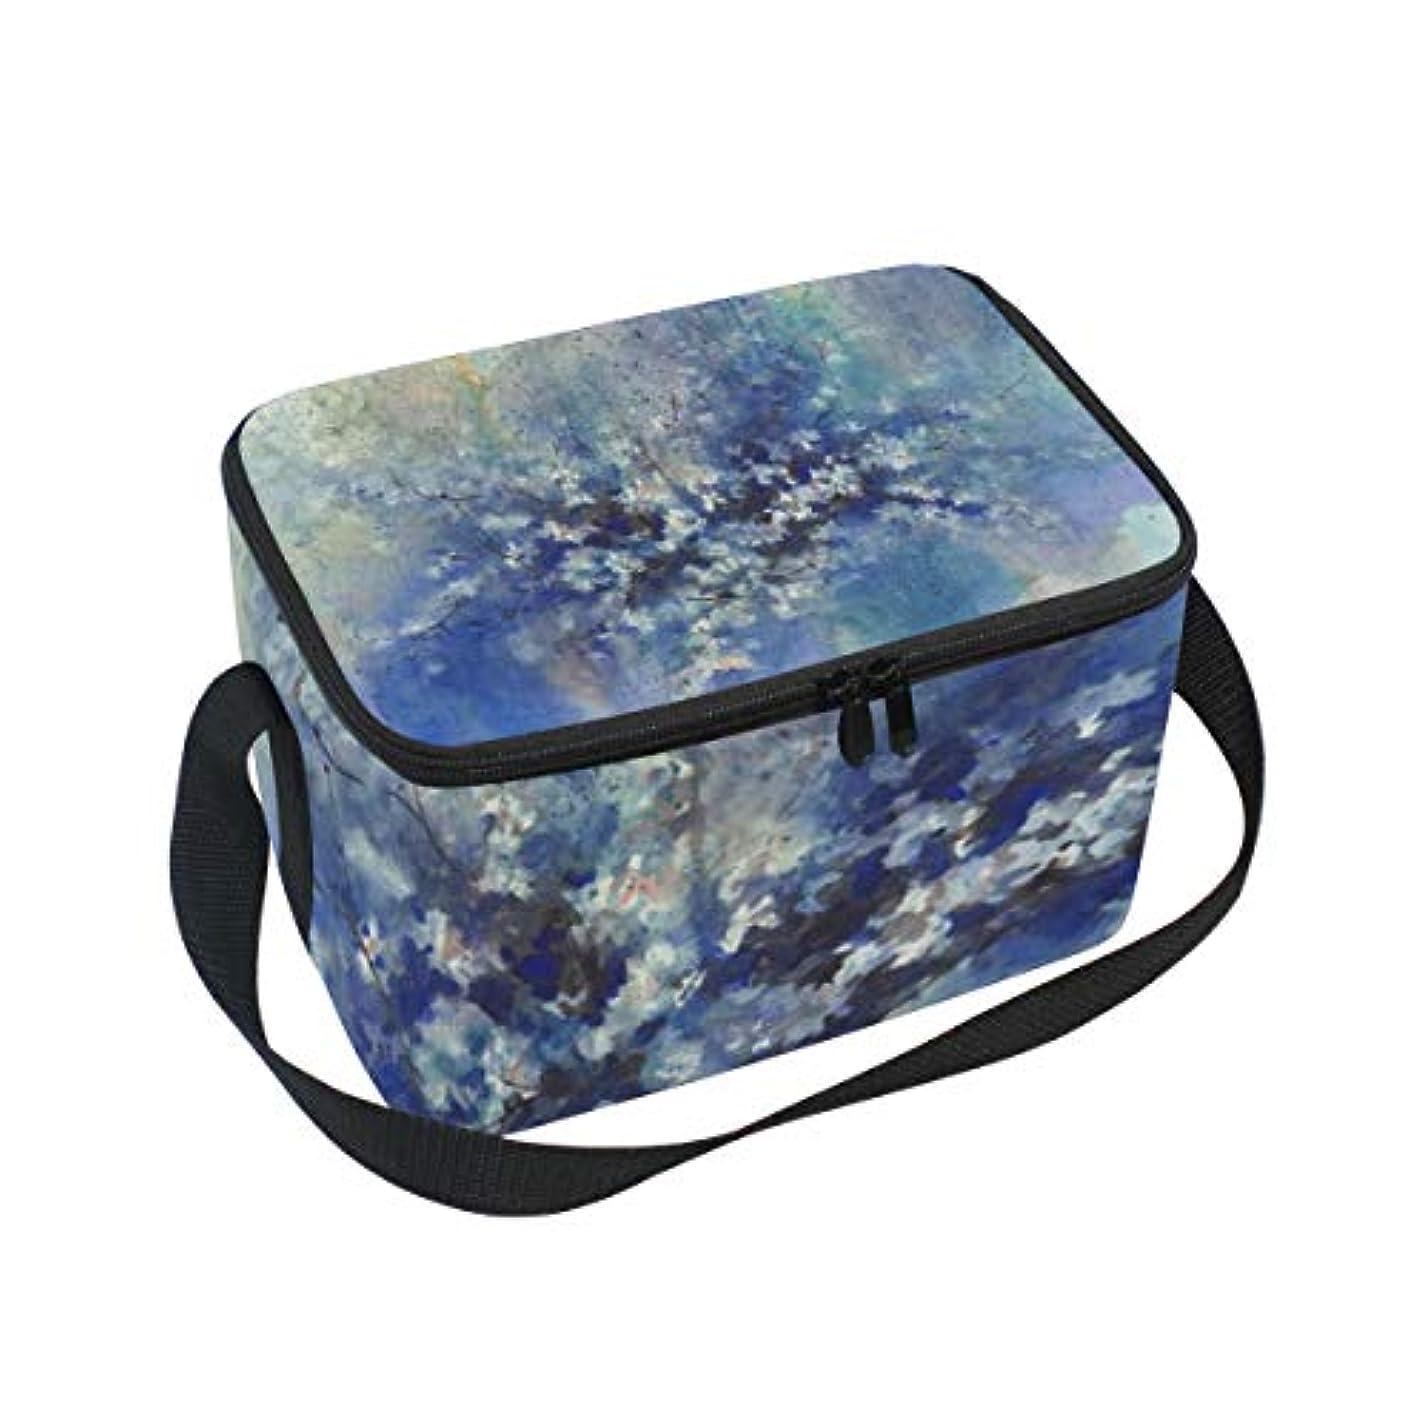 継続中ヒューマニスティック遊具クーラーバッグ クーラーボックス ソフトクーラ 冷蔵ボックス キャンプ用品 抽象 青い さくら 桜の花 保冷保温 大容量 肩掛け お花見 アウトドア